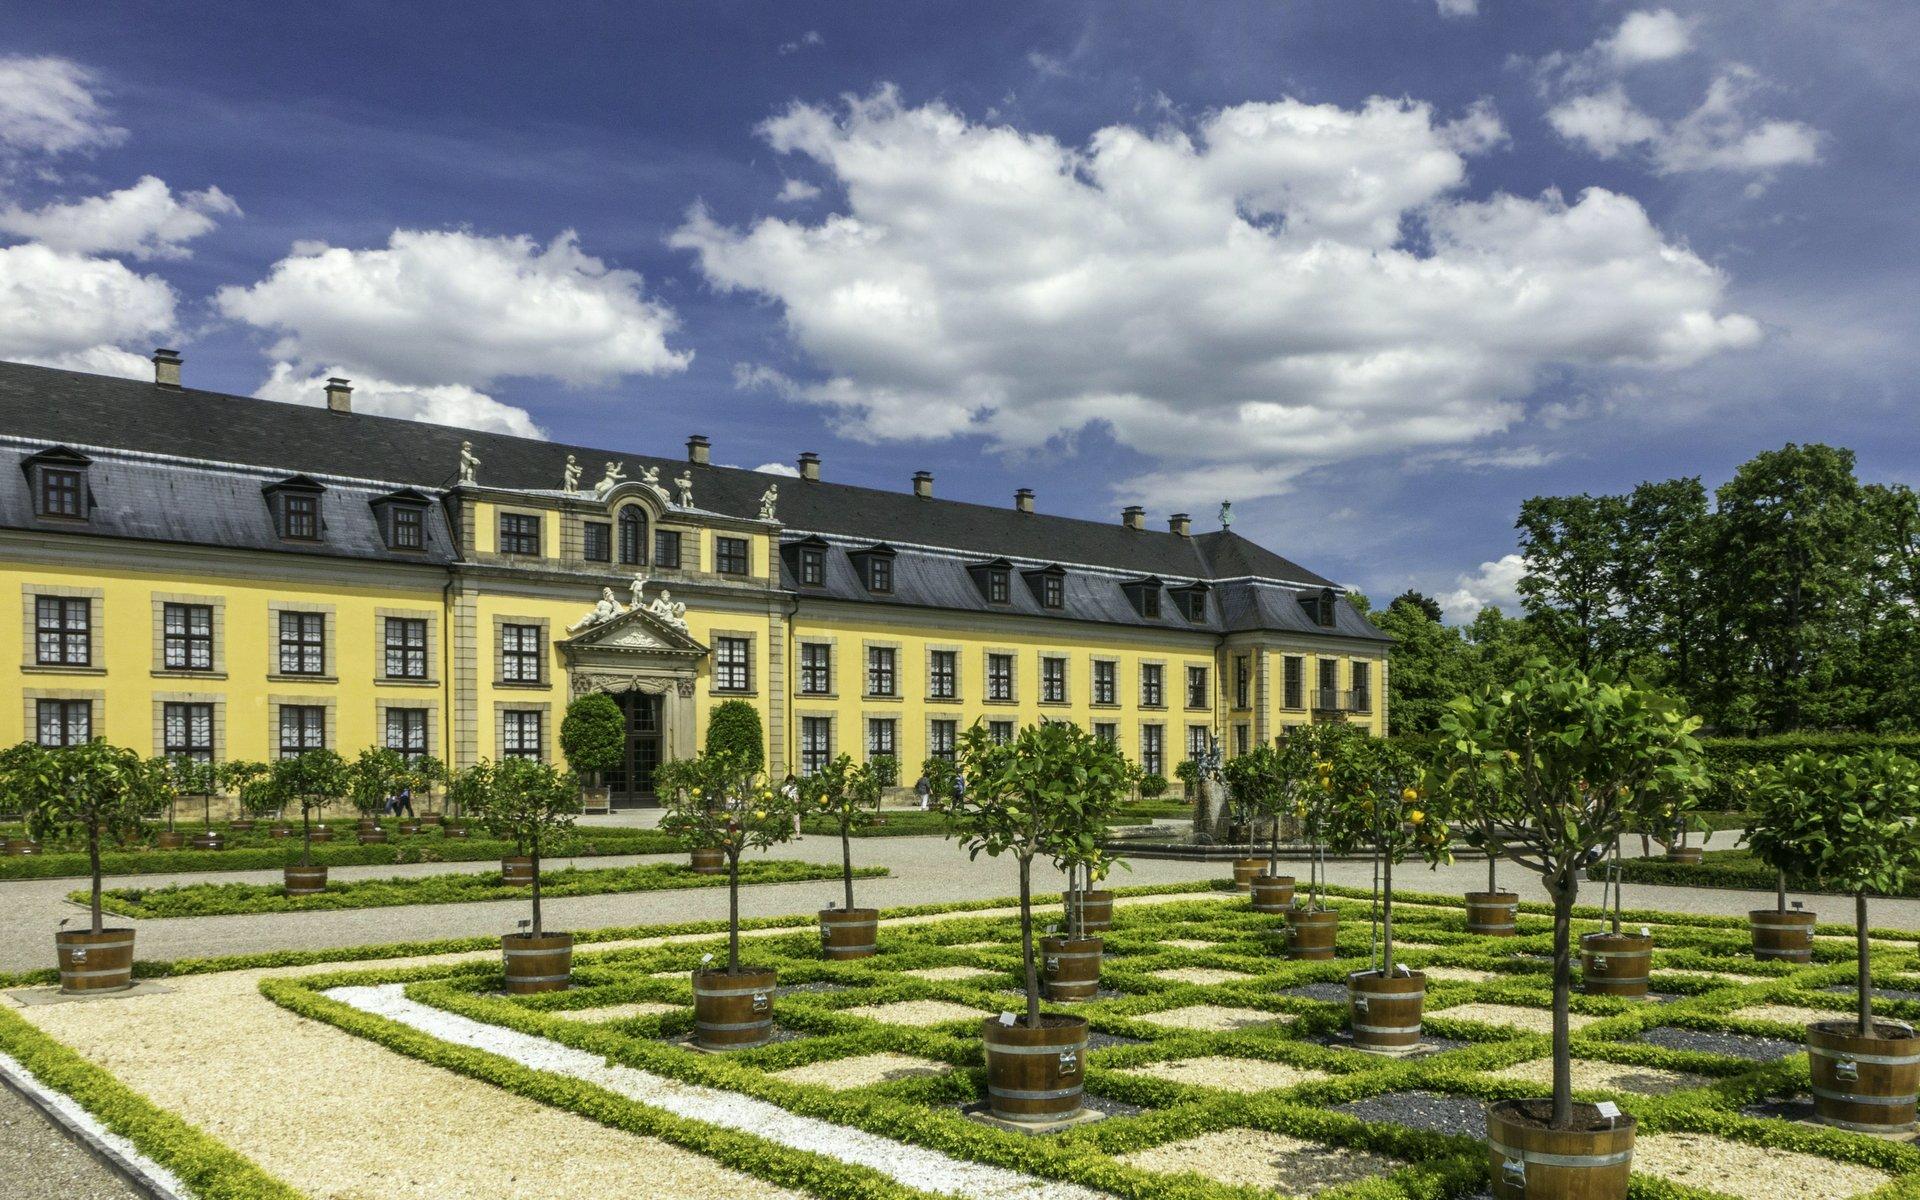 Orangeriegarten und Galerie im Großen Garten